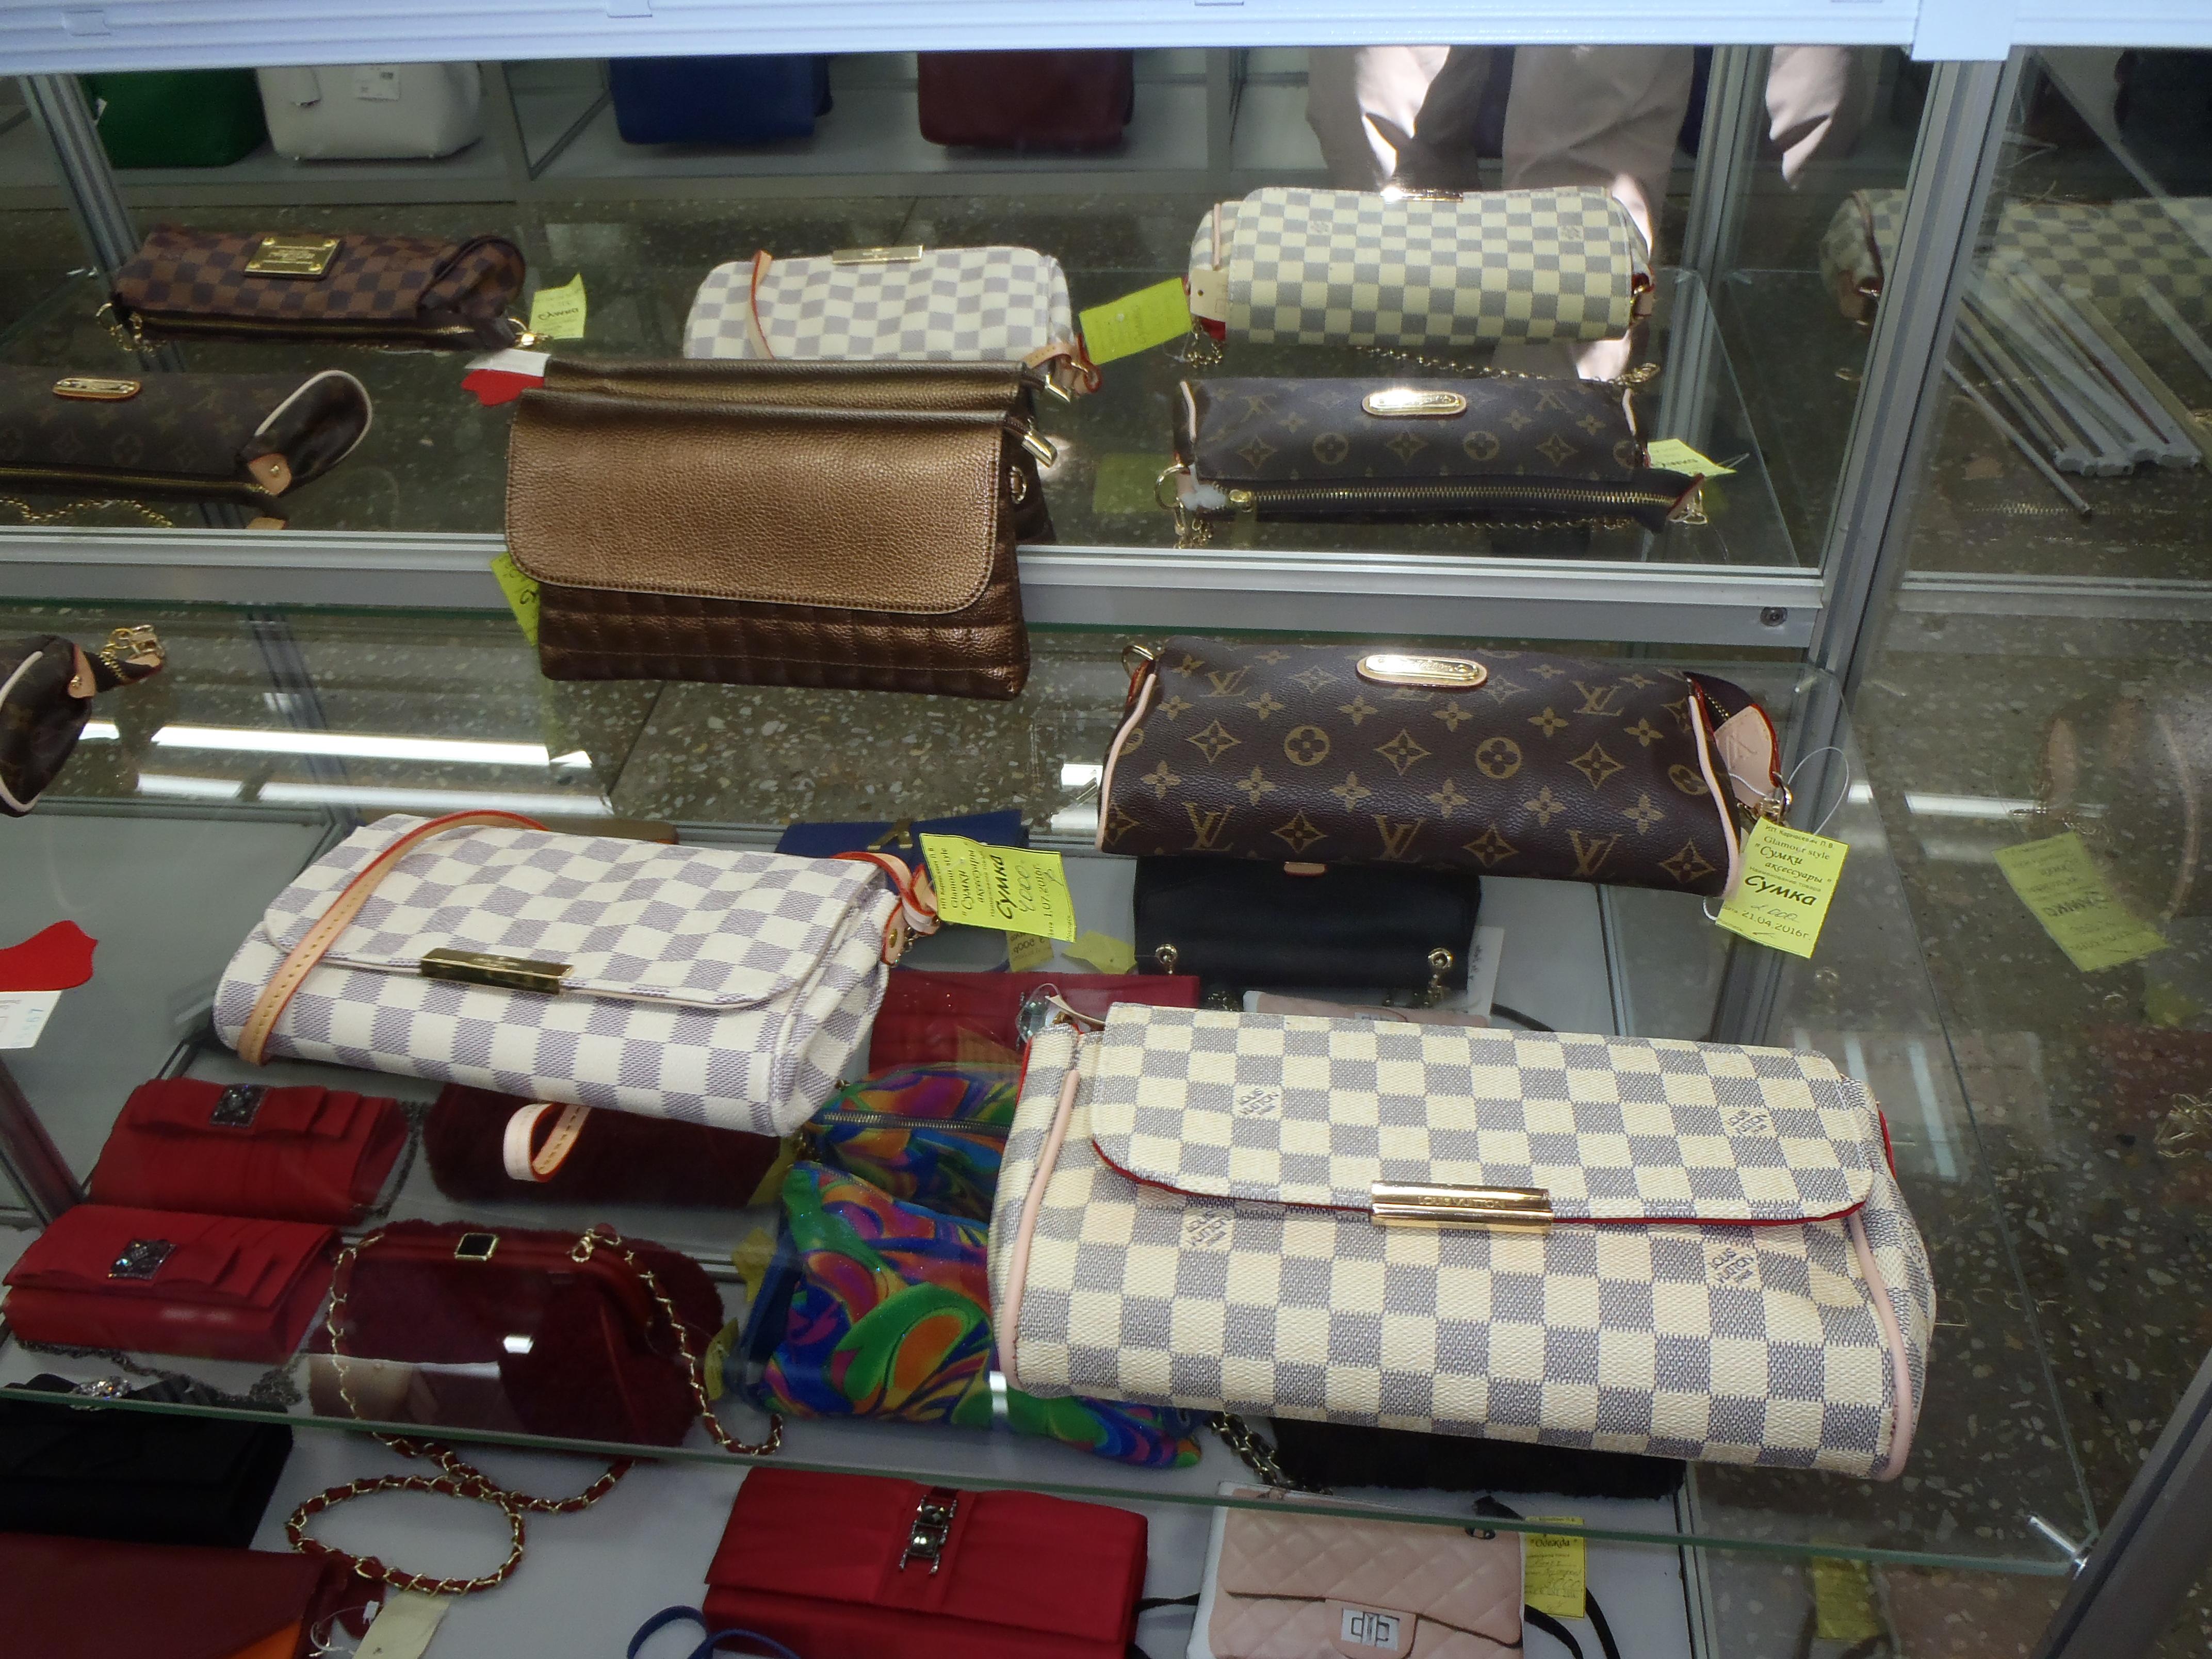 44c89666f990 В пермском торговом центре изъяли большую партию сумок, платков и обуви с  товарными знаками Louis